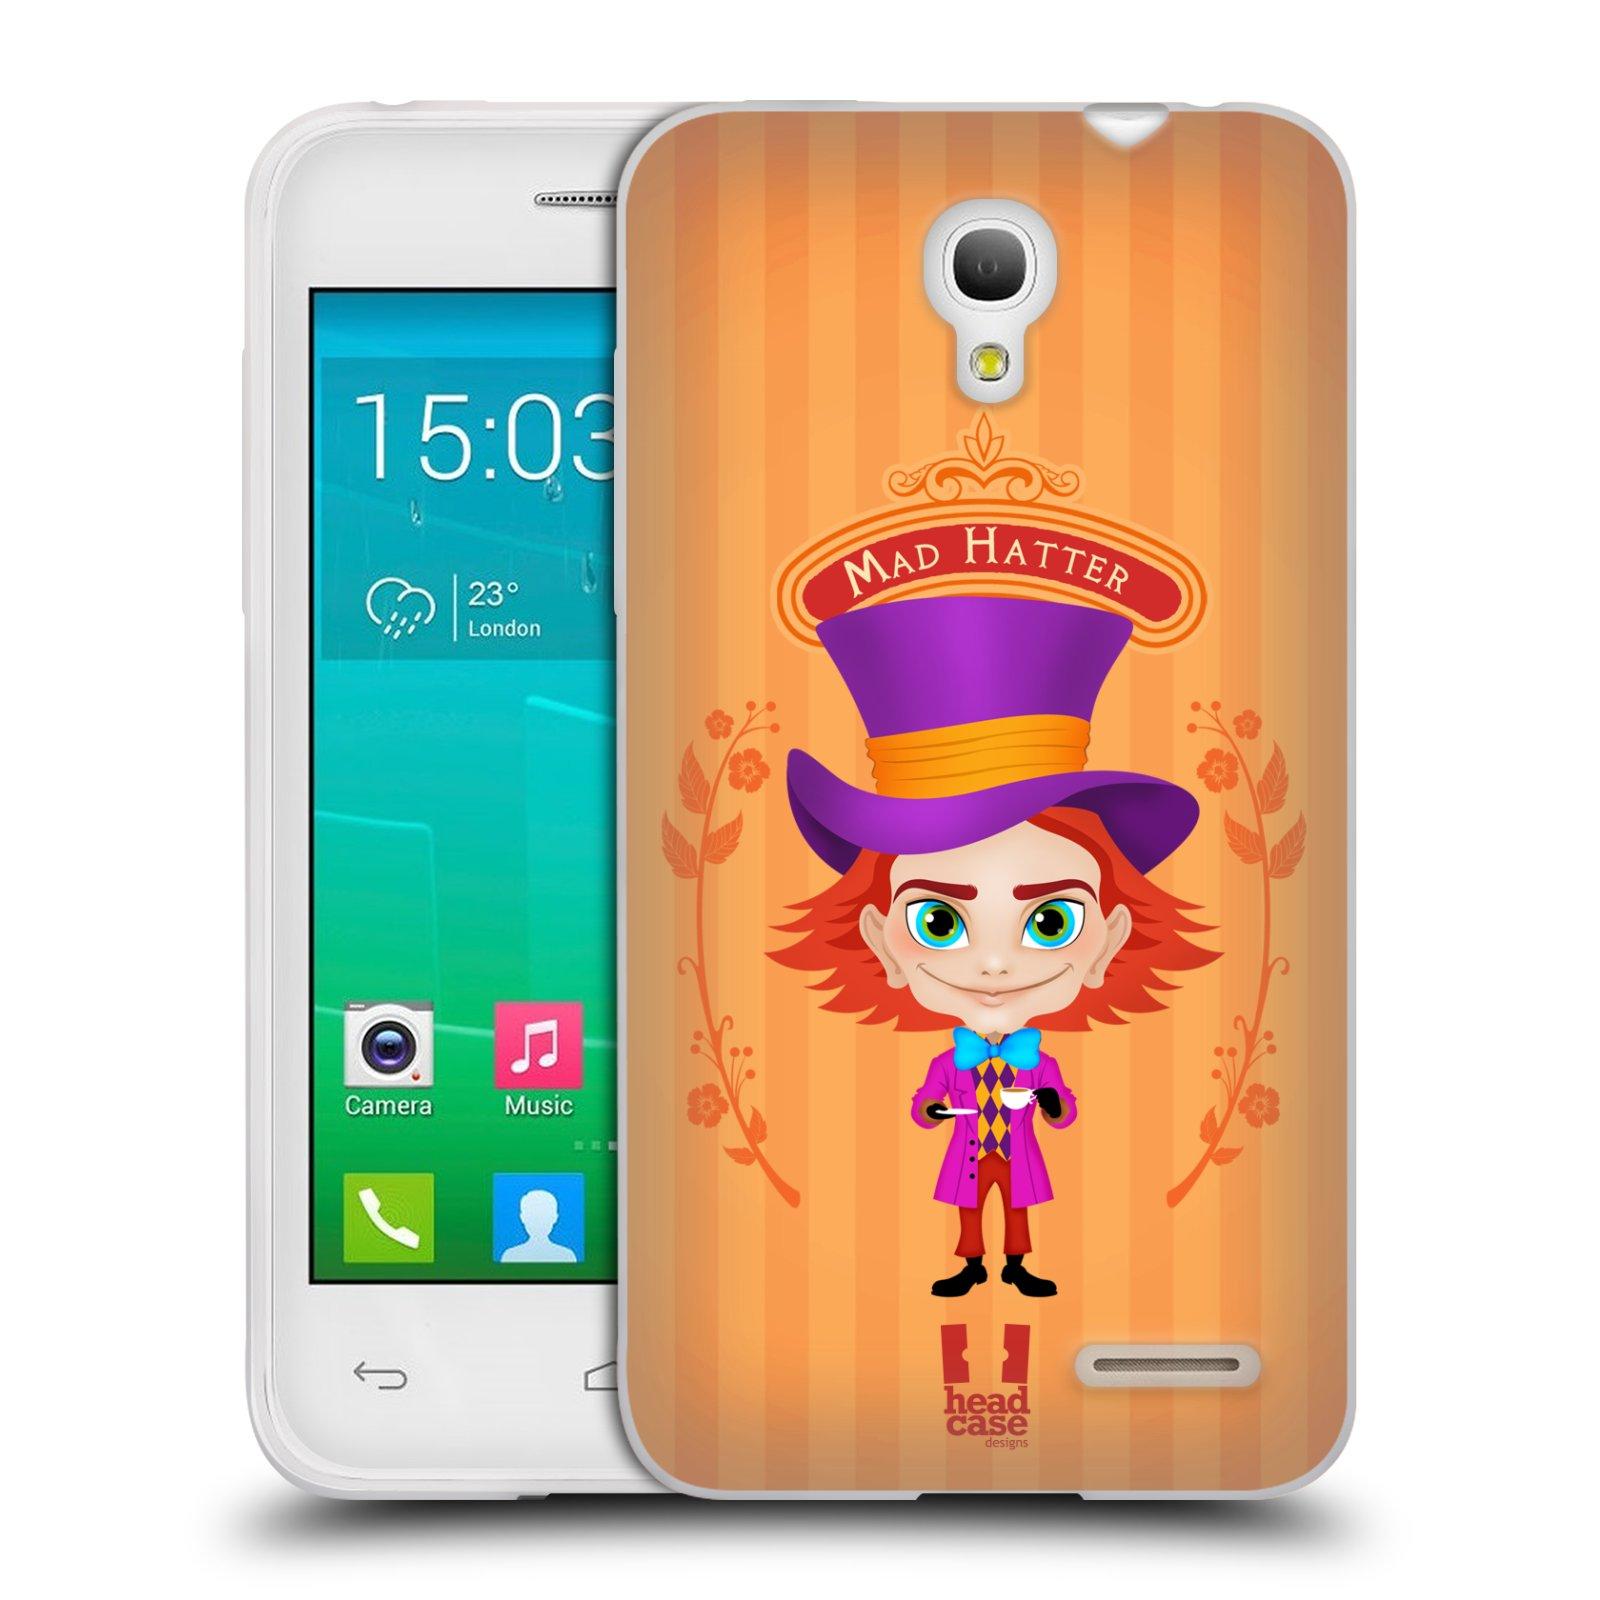 HEAD CASE silikonový obal na mobil Alcatel POP S3 OT-5050Y vzor Alenka v říši divů buřinka